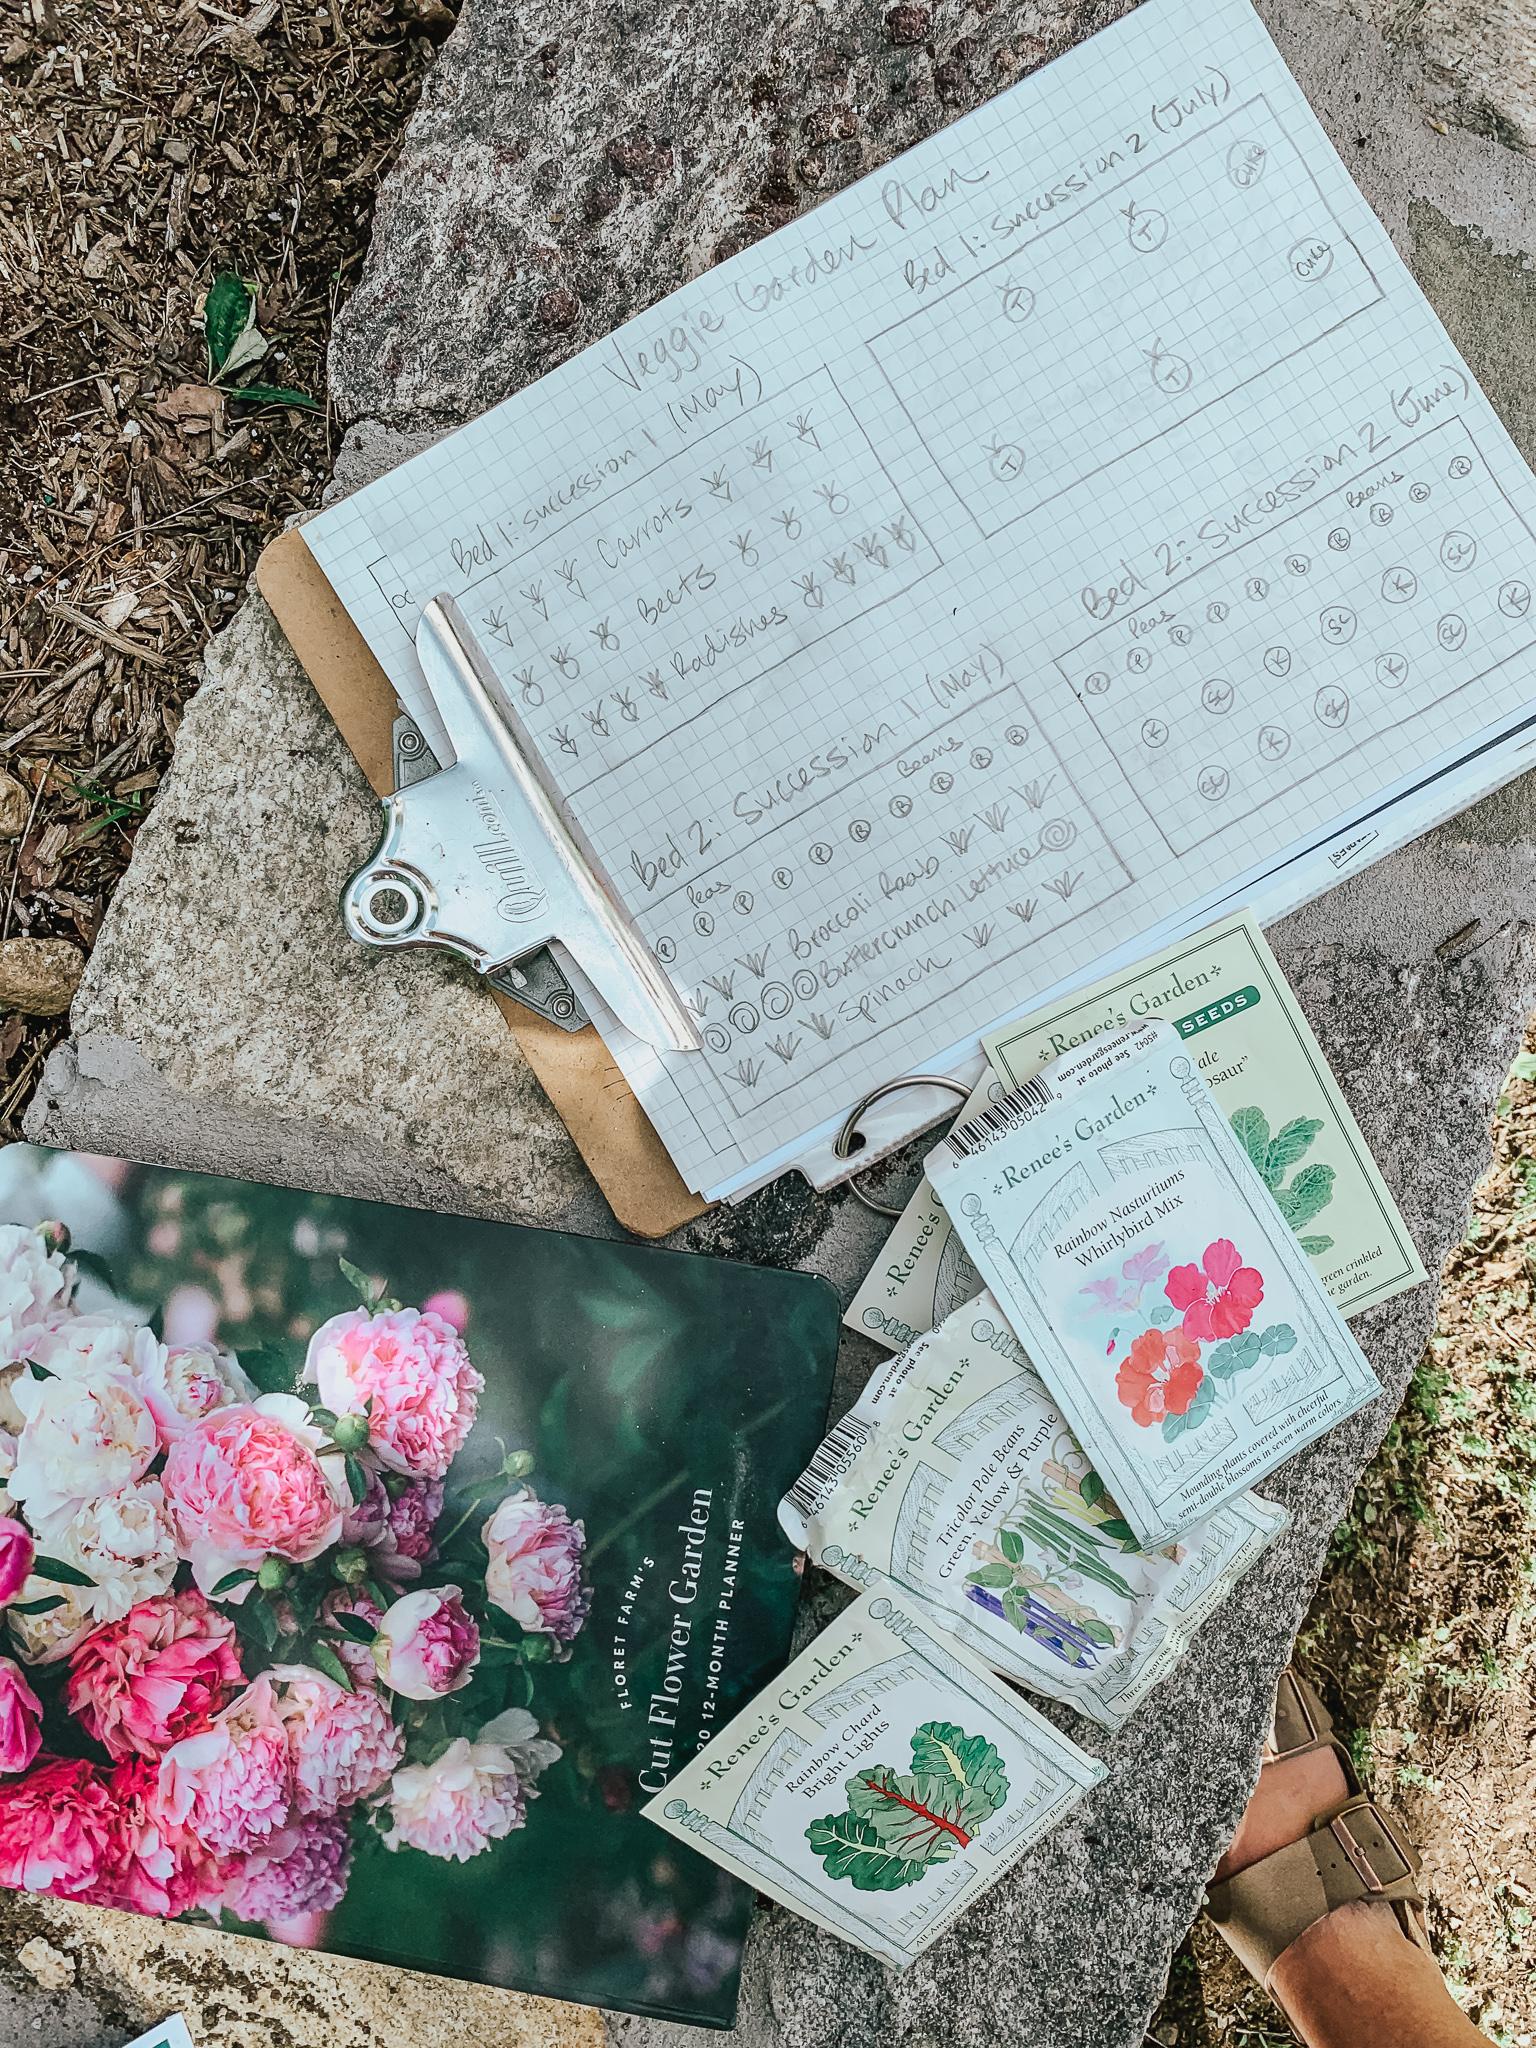 spring garden task- mapping garden